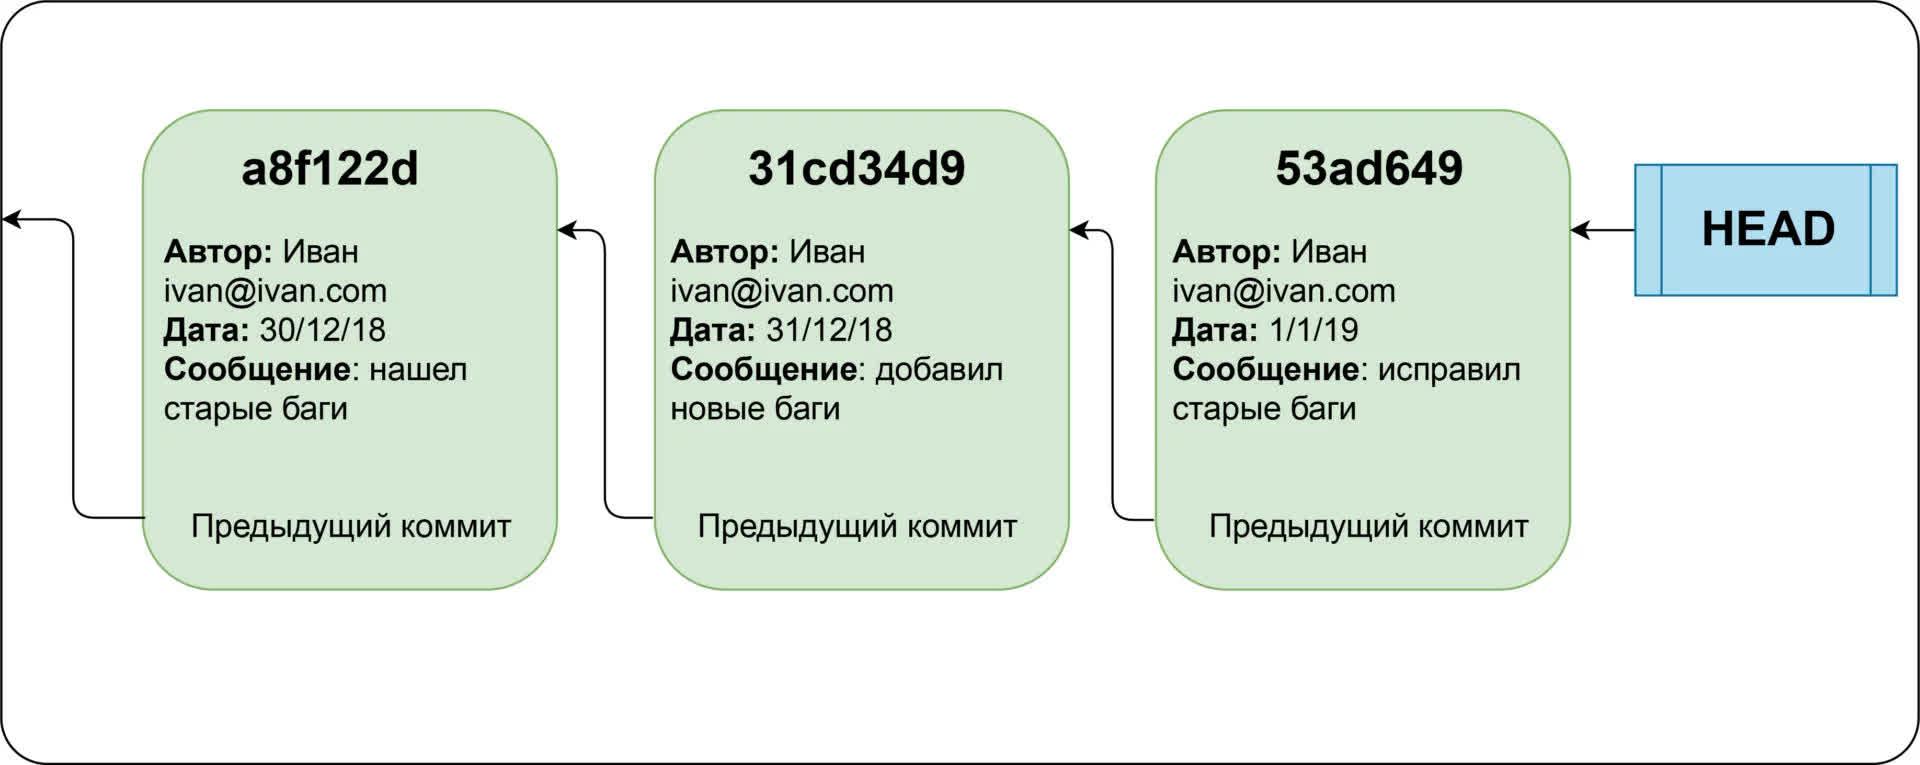 Знакомство с git и github: руководство для начинающих | by olga sayfudinova | nop::nuances of programming | medium